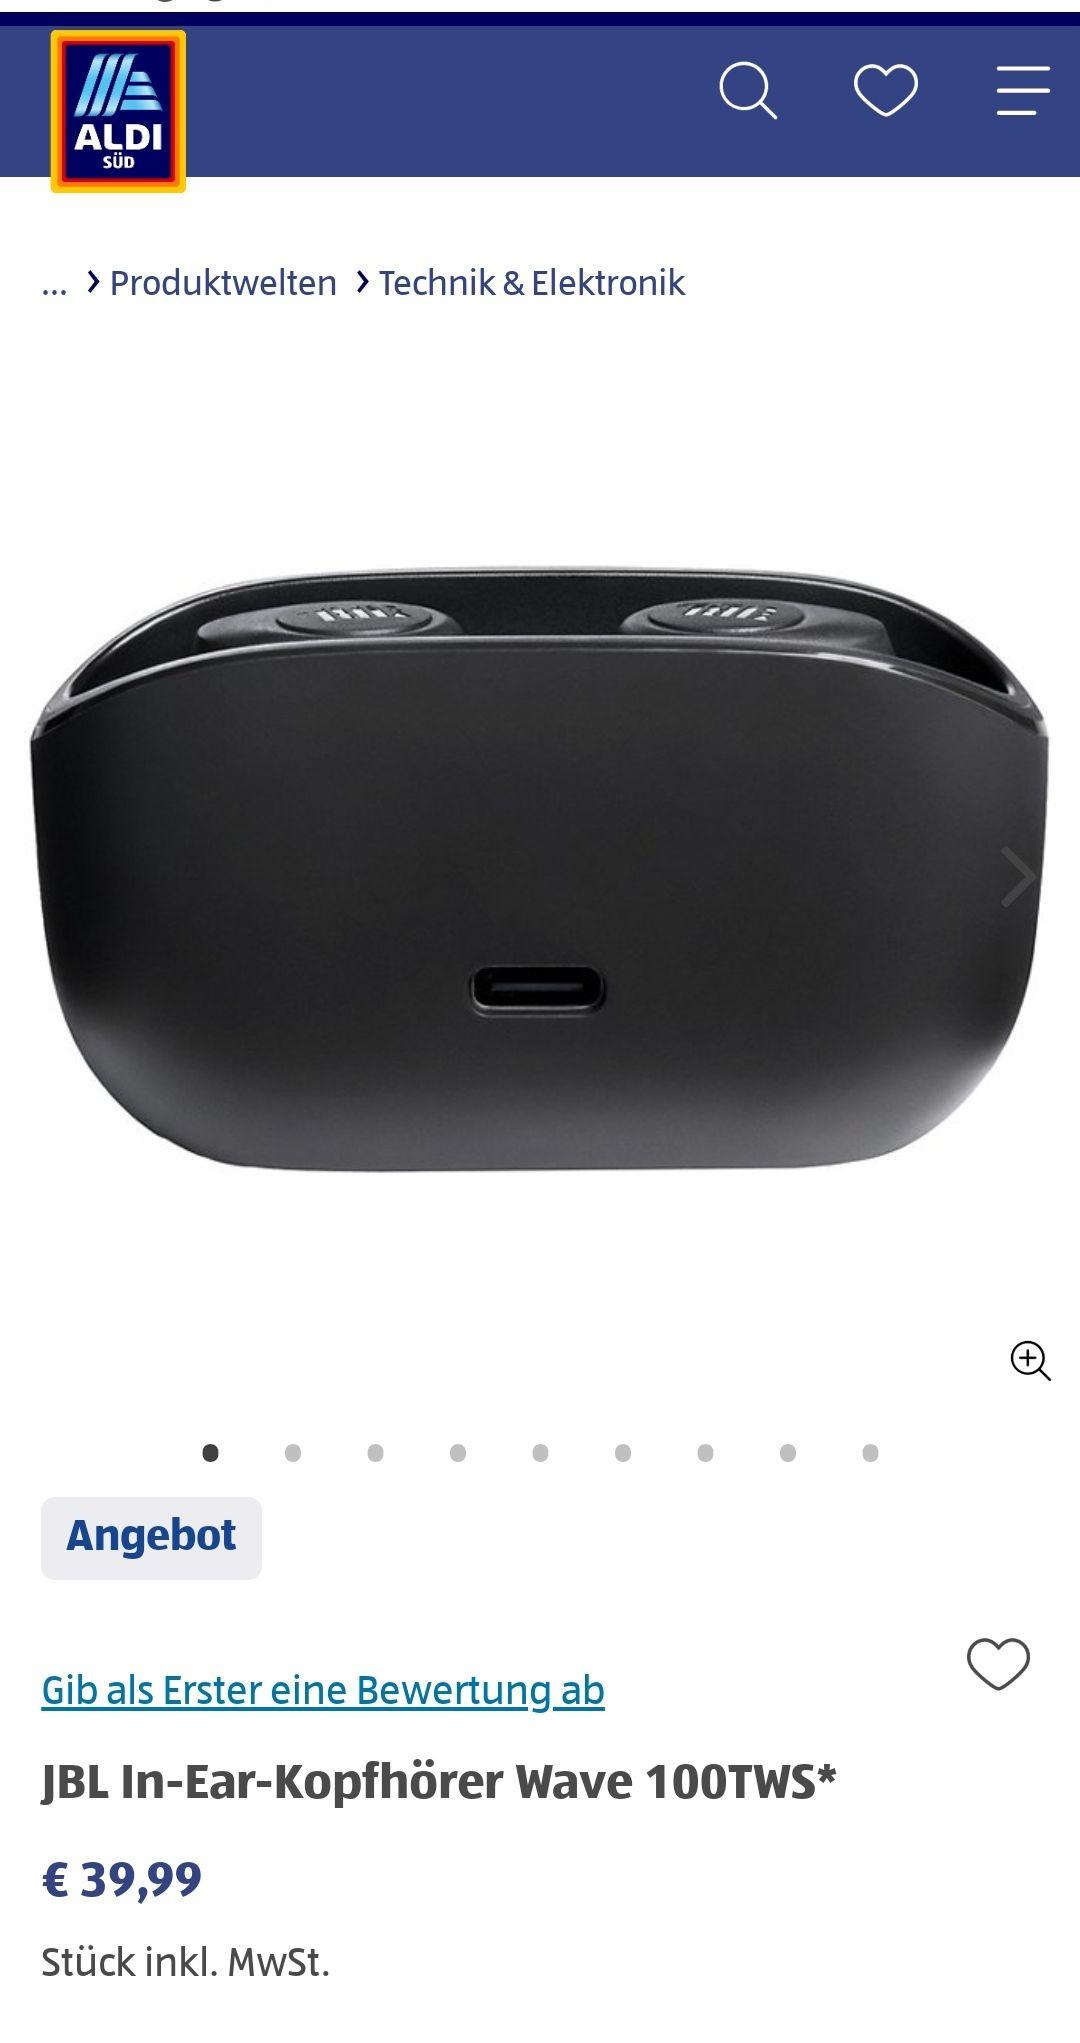 [Aldi Süd] JBL In-Ear-Kopfhörer Wave 100TWS